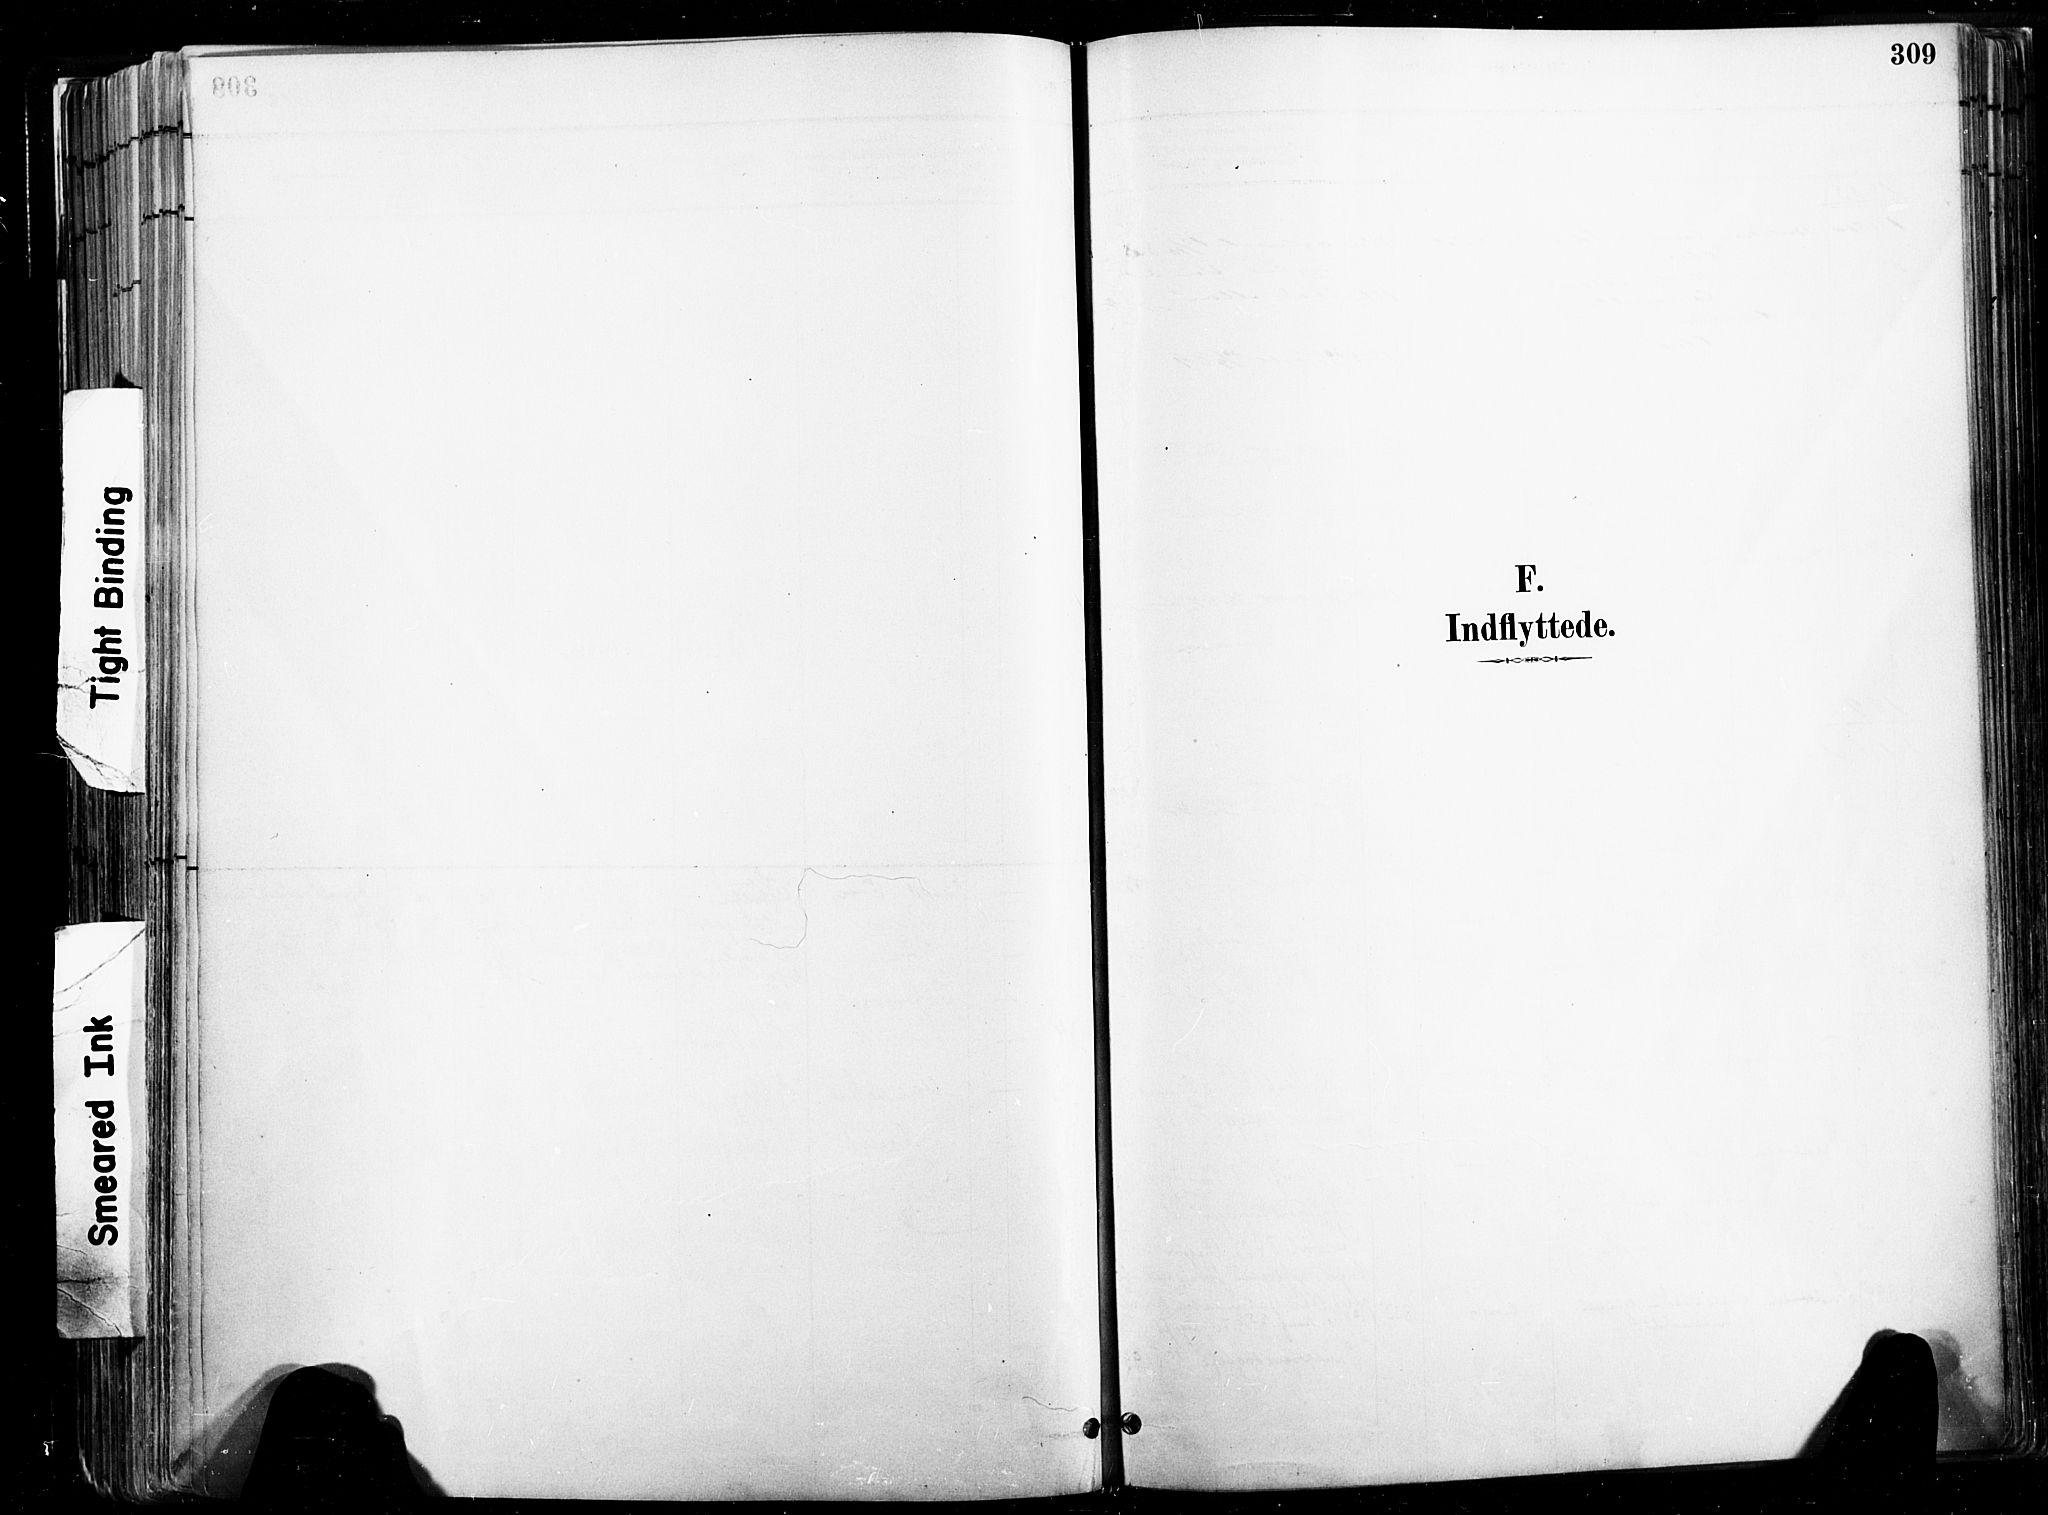 SAT, Ministerialprotokoller, klokkerbøker og fødselsregistre - Nord-Trøndelag, 735/L0351: Ministerialbok nr. 735A10, 1884-1908, s. 309